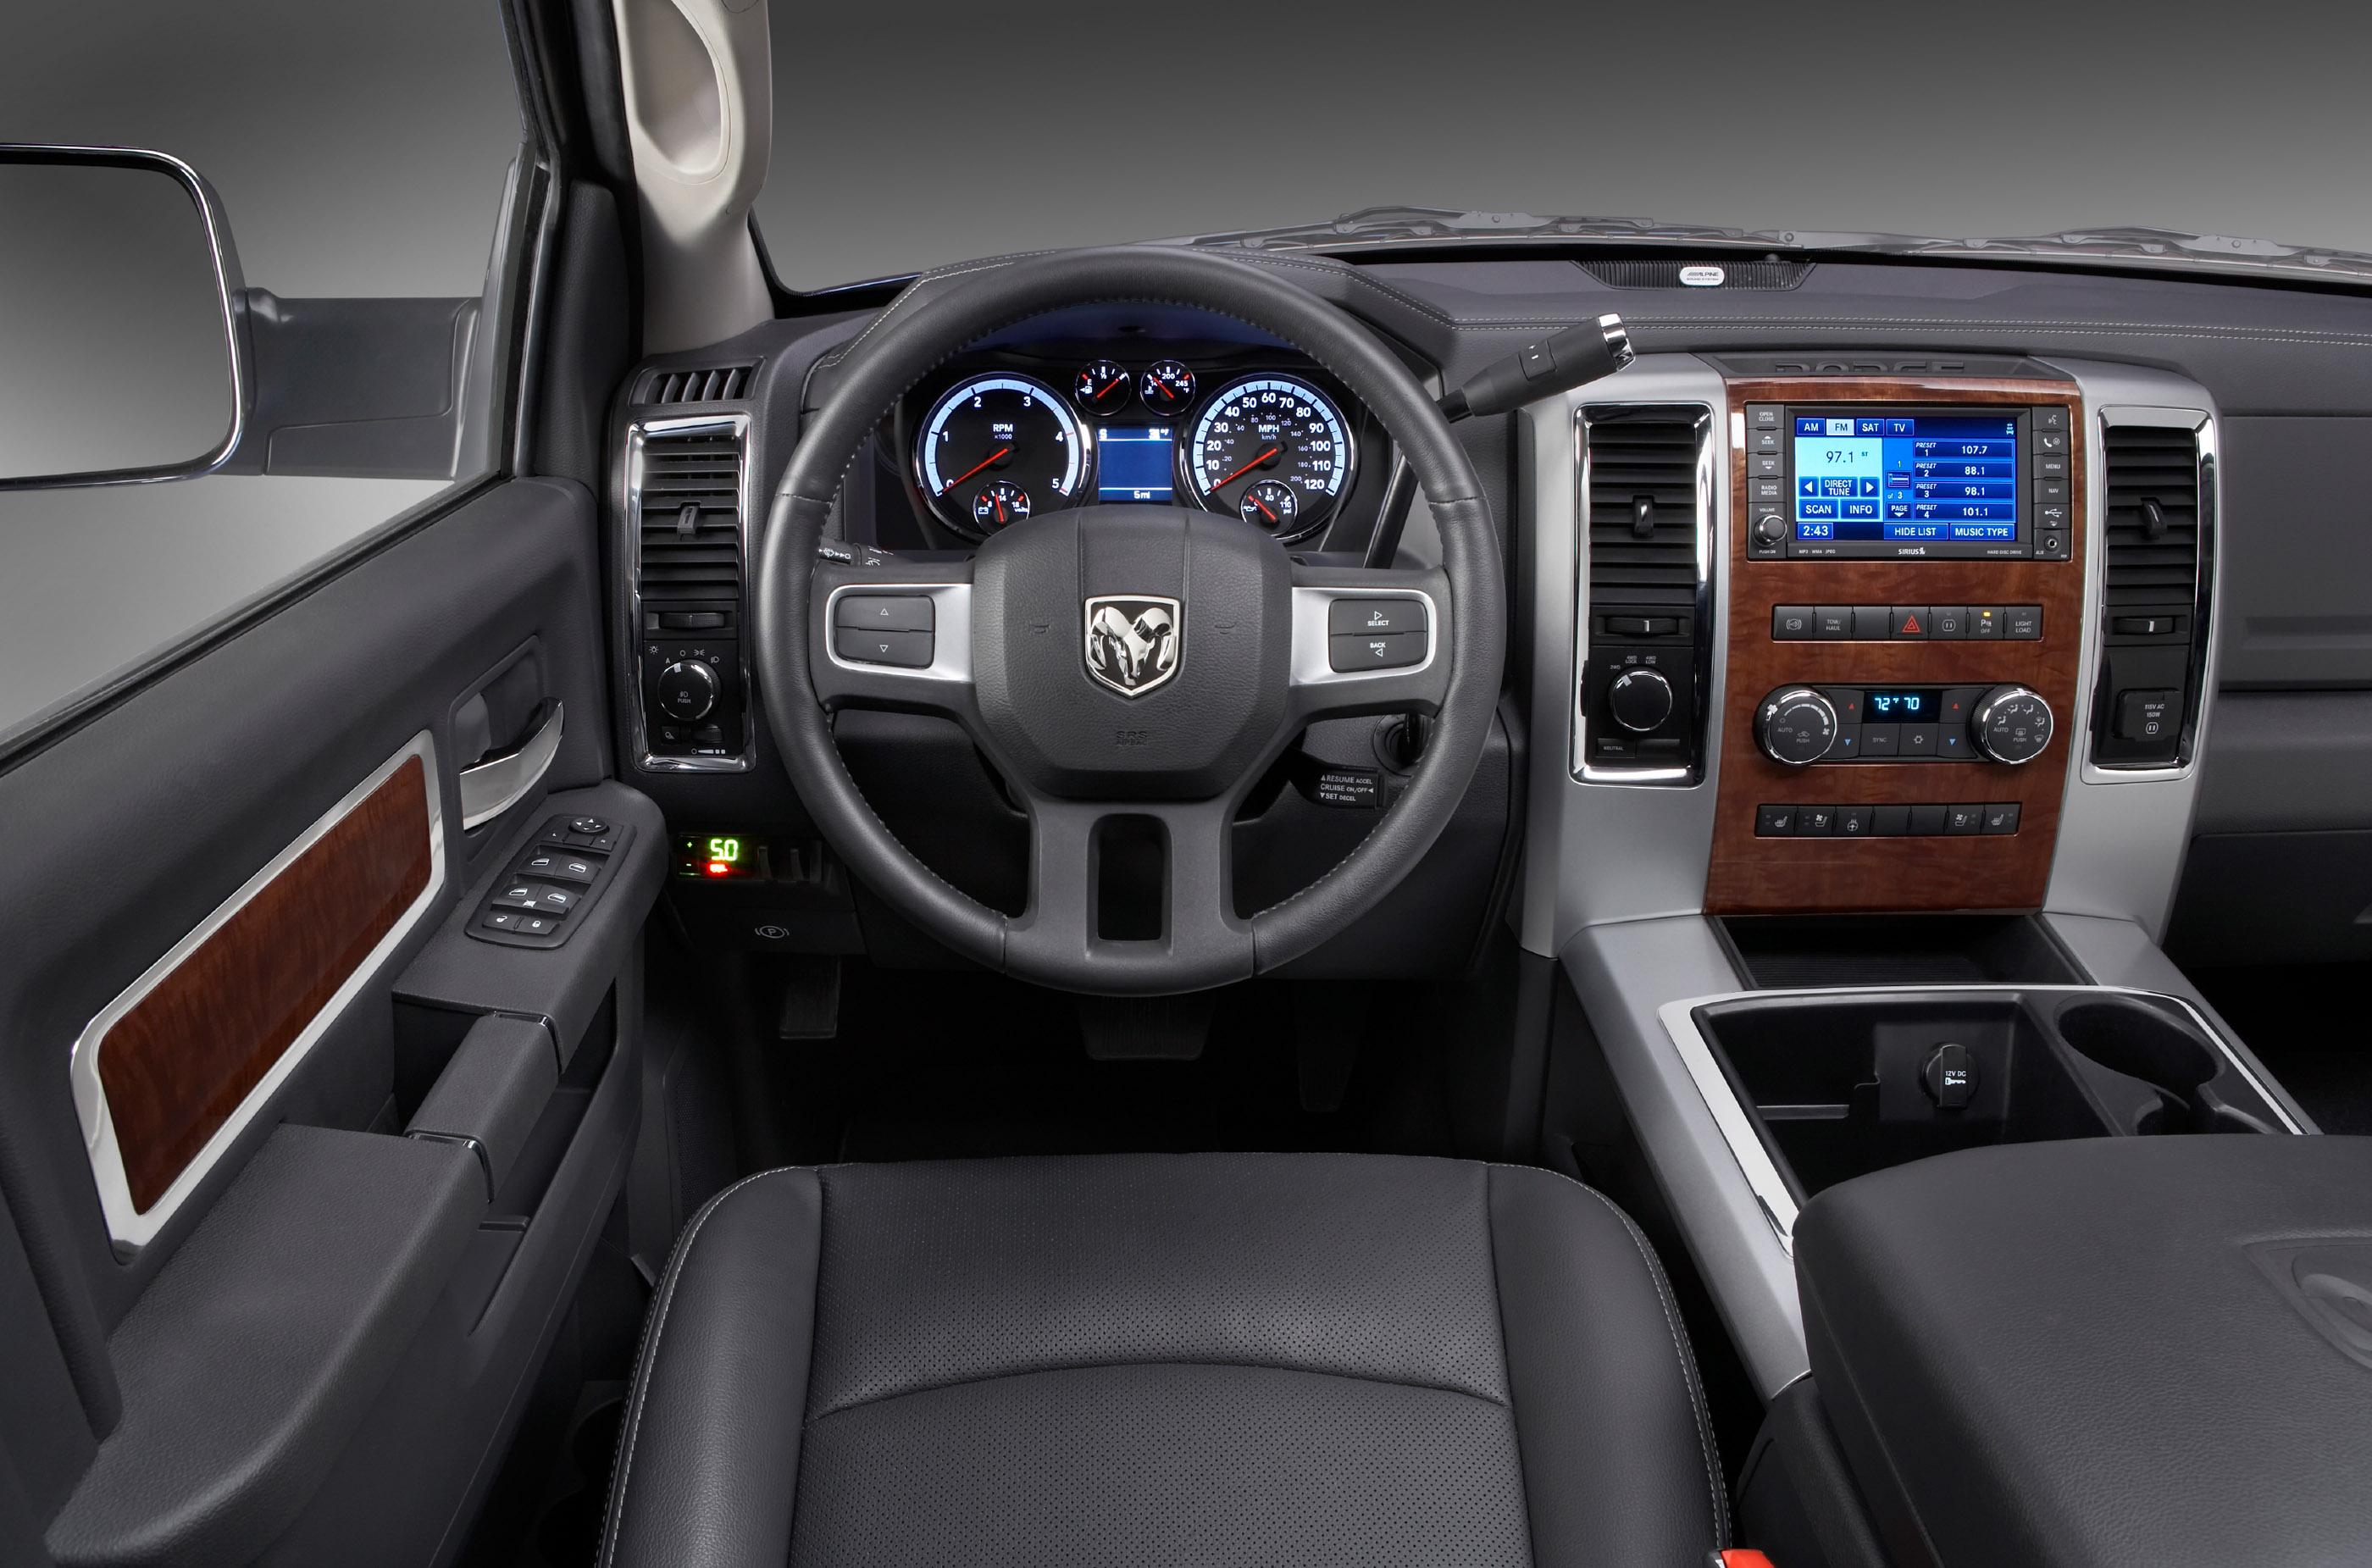 2010 Dodge Ram 2500 Laramie Crew Cab - Picture 27553